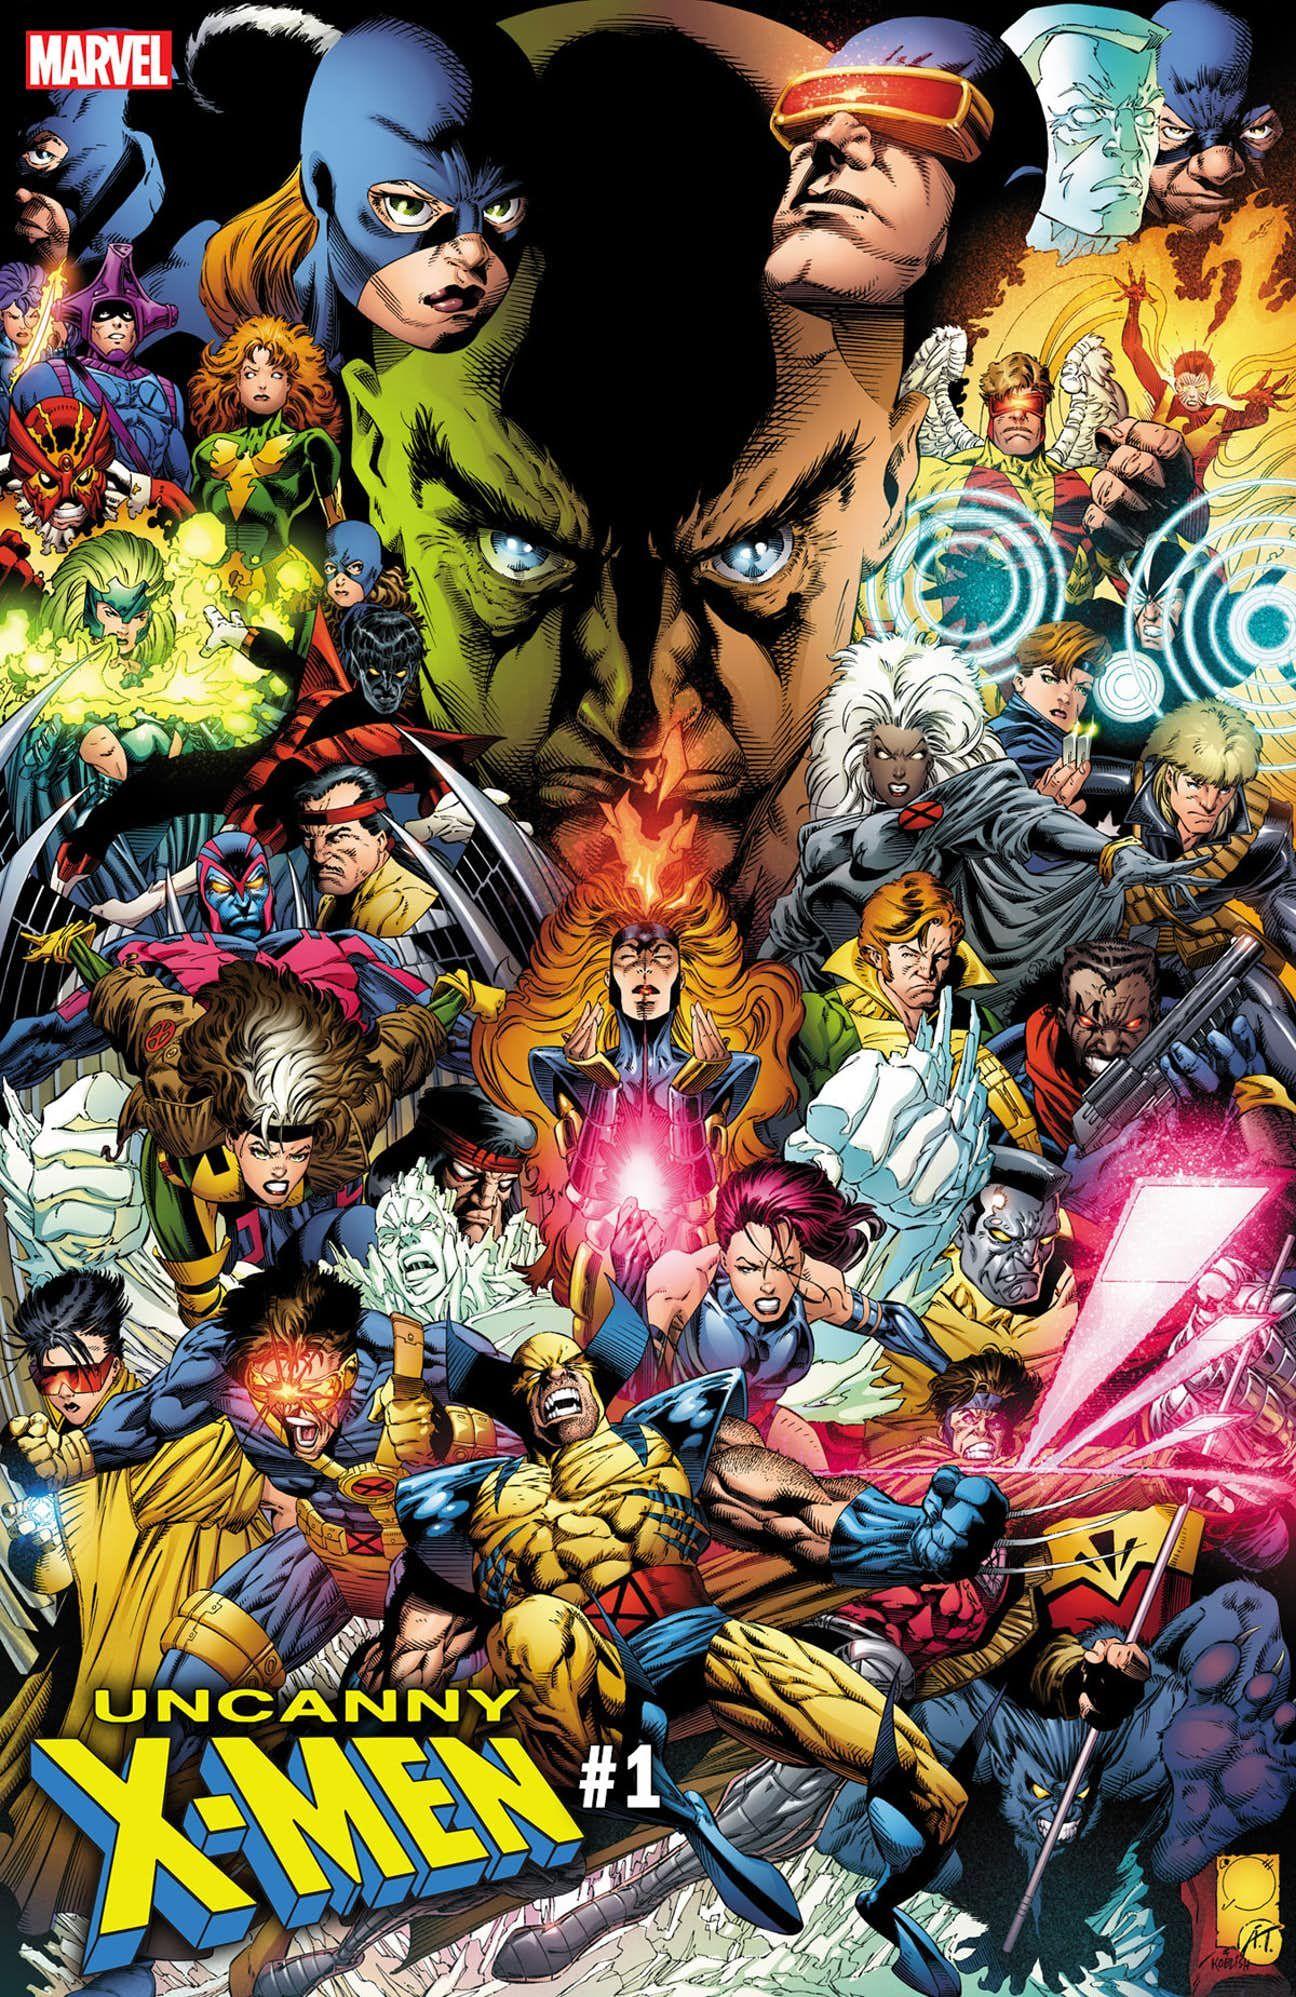 Joe Quesada S Incredible Cover For Uncanny X Men 1 Cbr Marvel Comics Superheroes Marvel Comics Artwork X Men